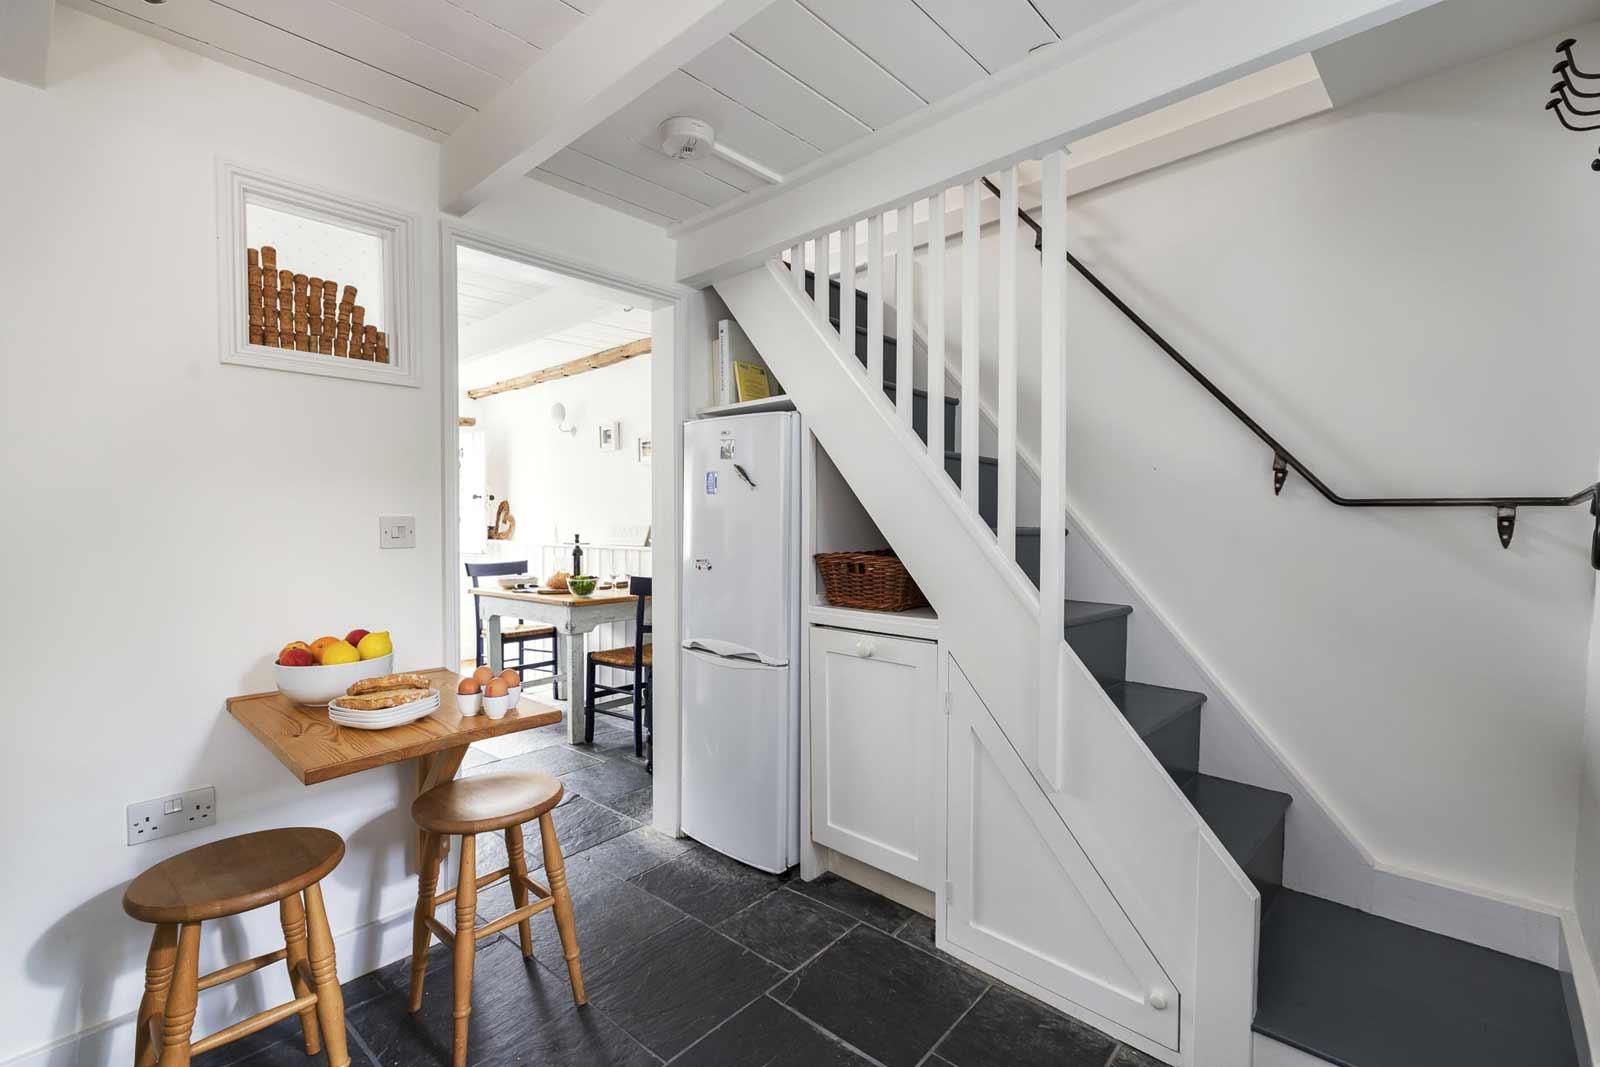 gulls-nest-kitchen-2